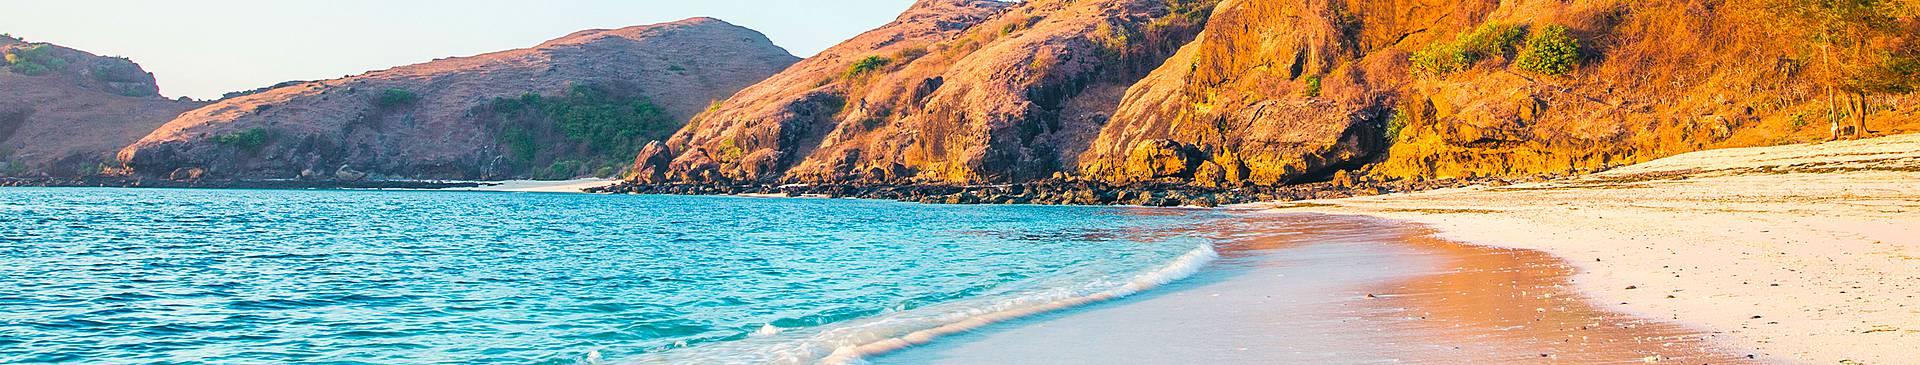 Strand und Meer Indonesien Reisen